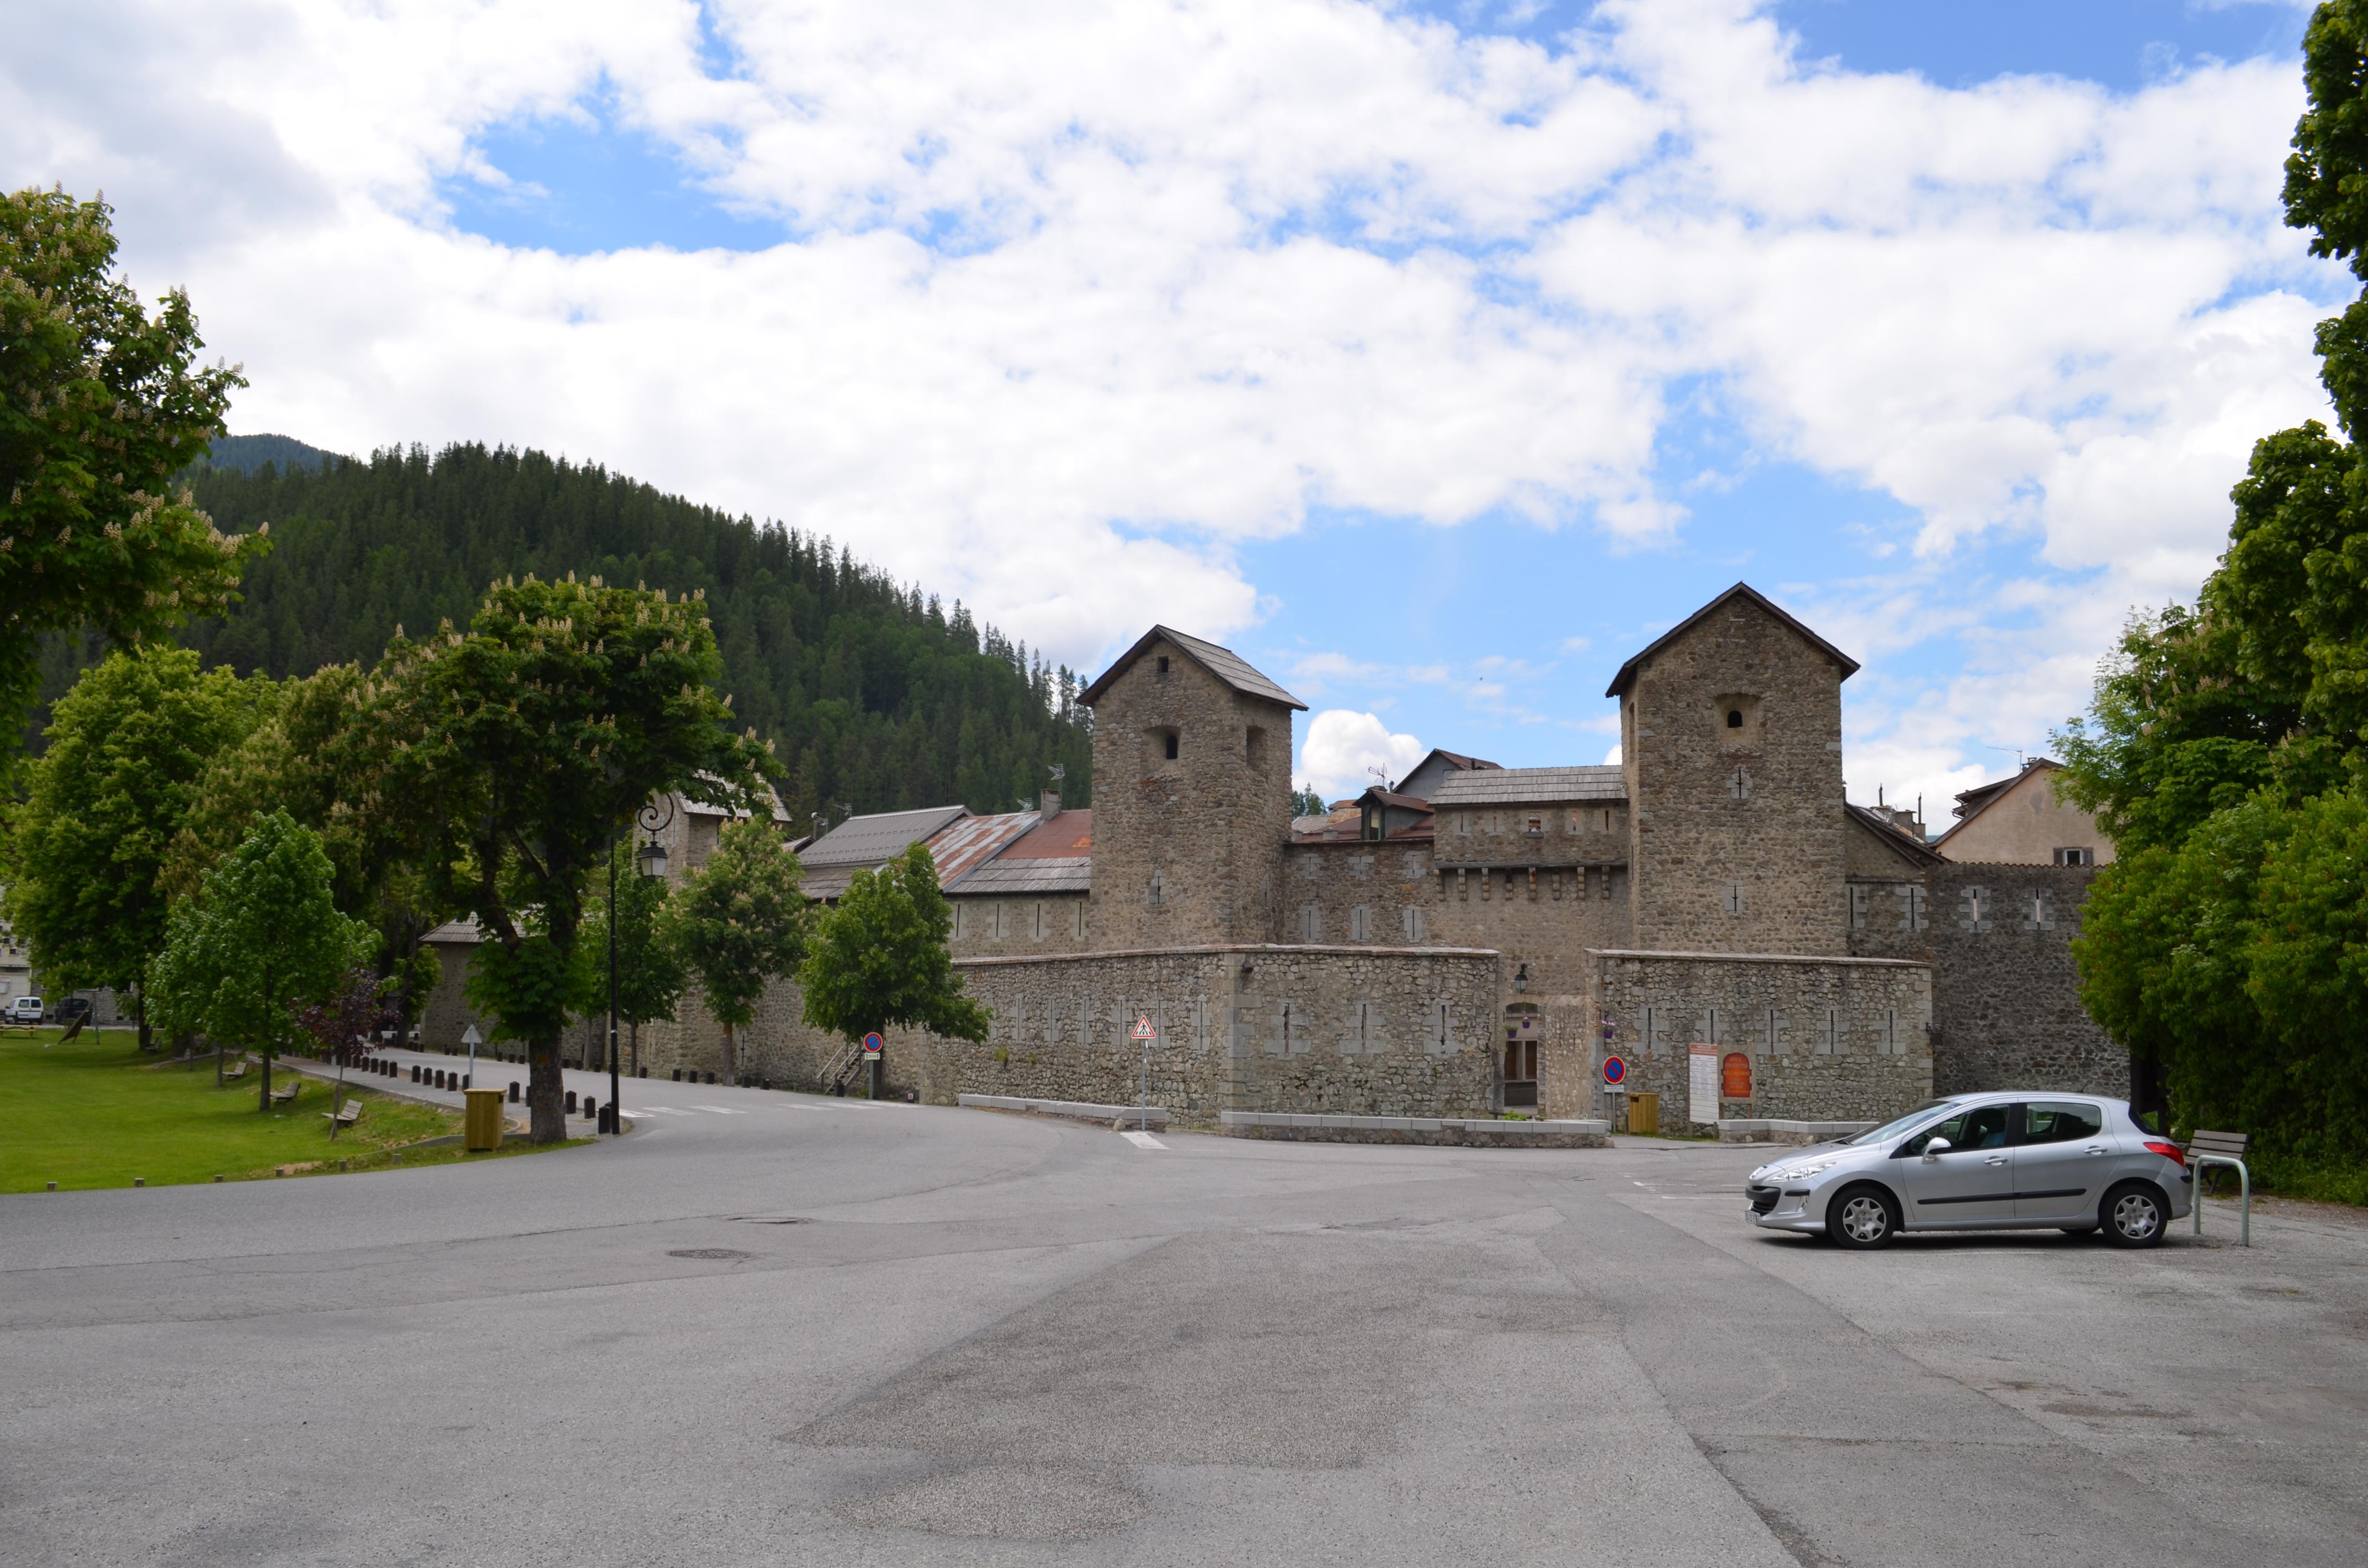 Porte de Savoie